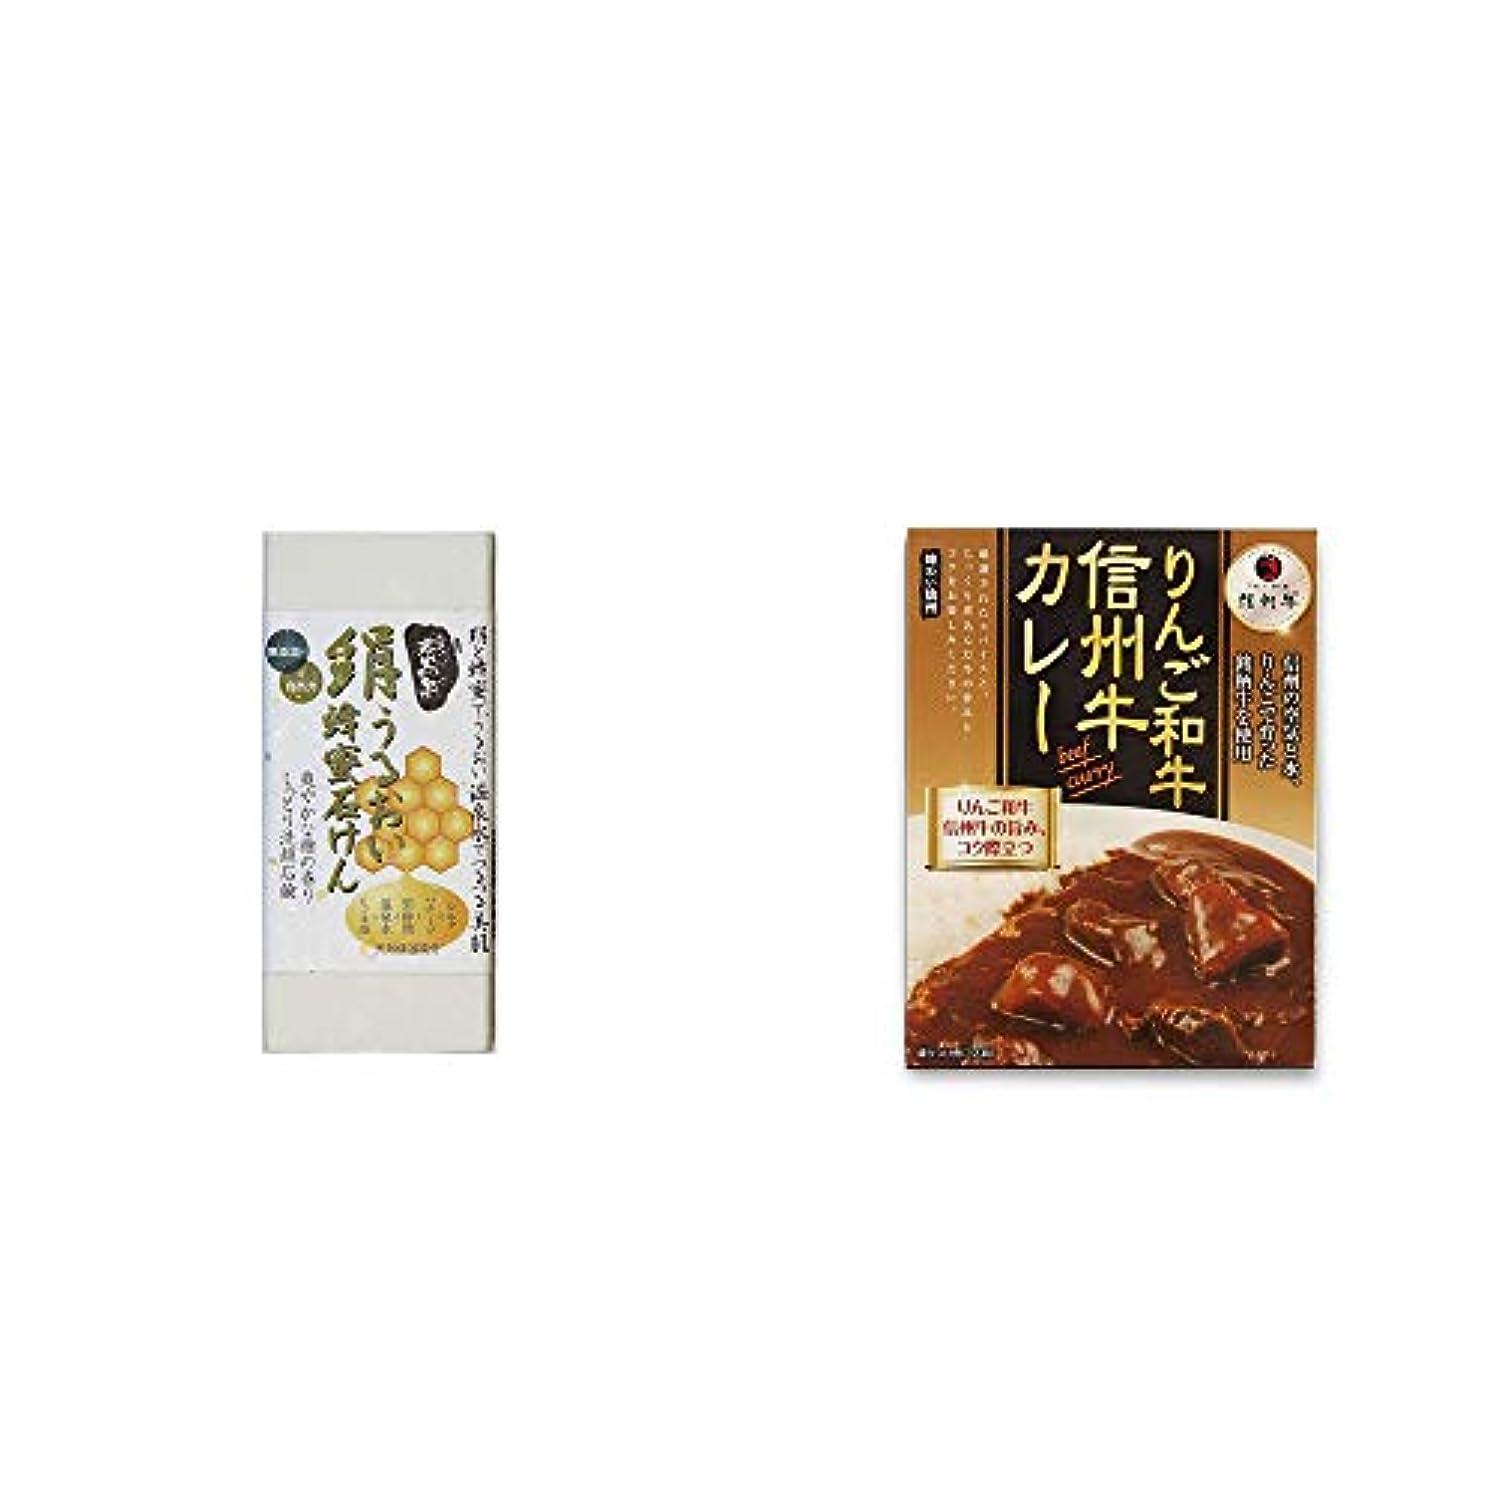 デッキ明確な絞る[2点セット] ひのき炭黒泉 絹うるおい蜂蜜石けん(75g×2)?りんご和牛 信州牛カレー(1食分)